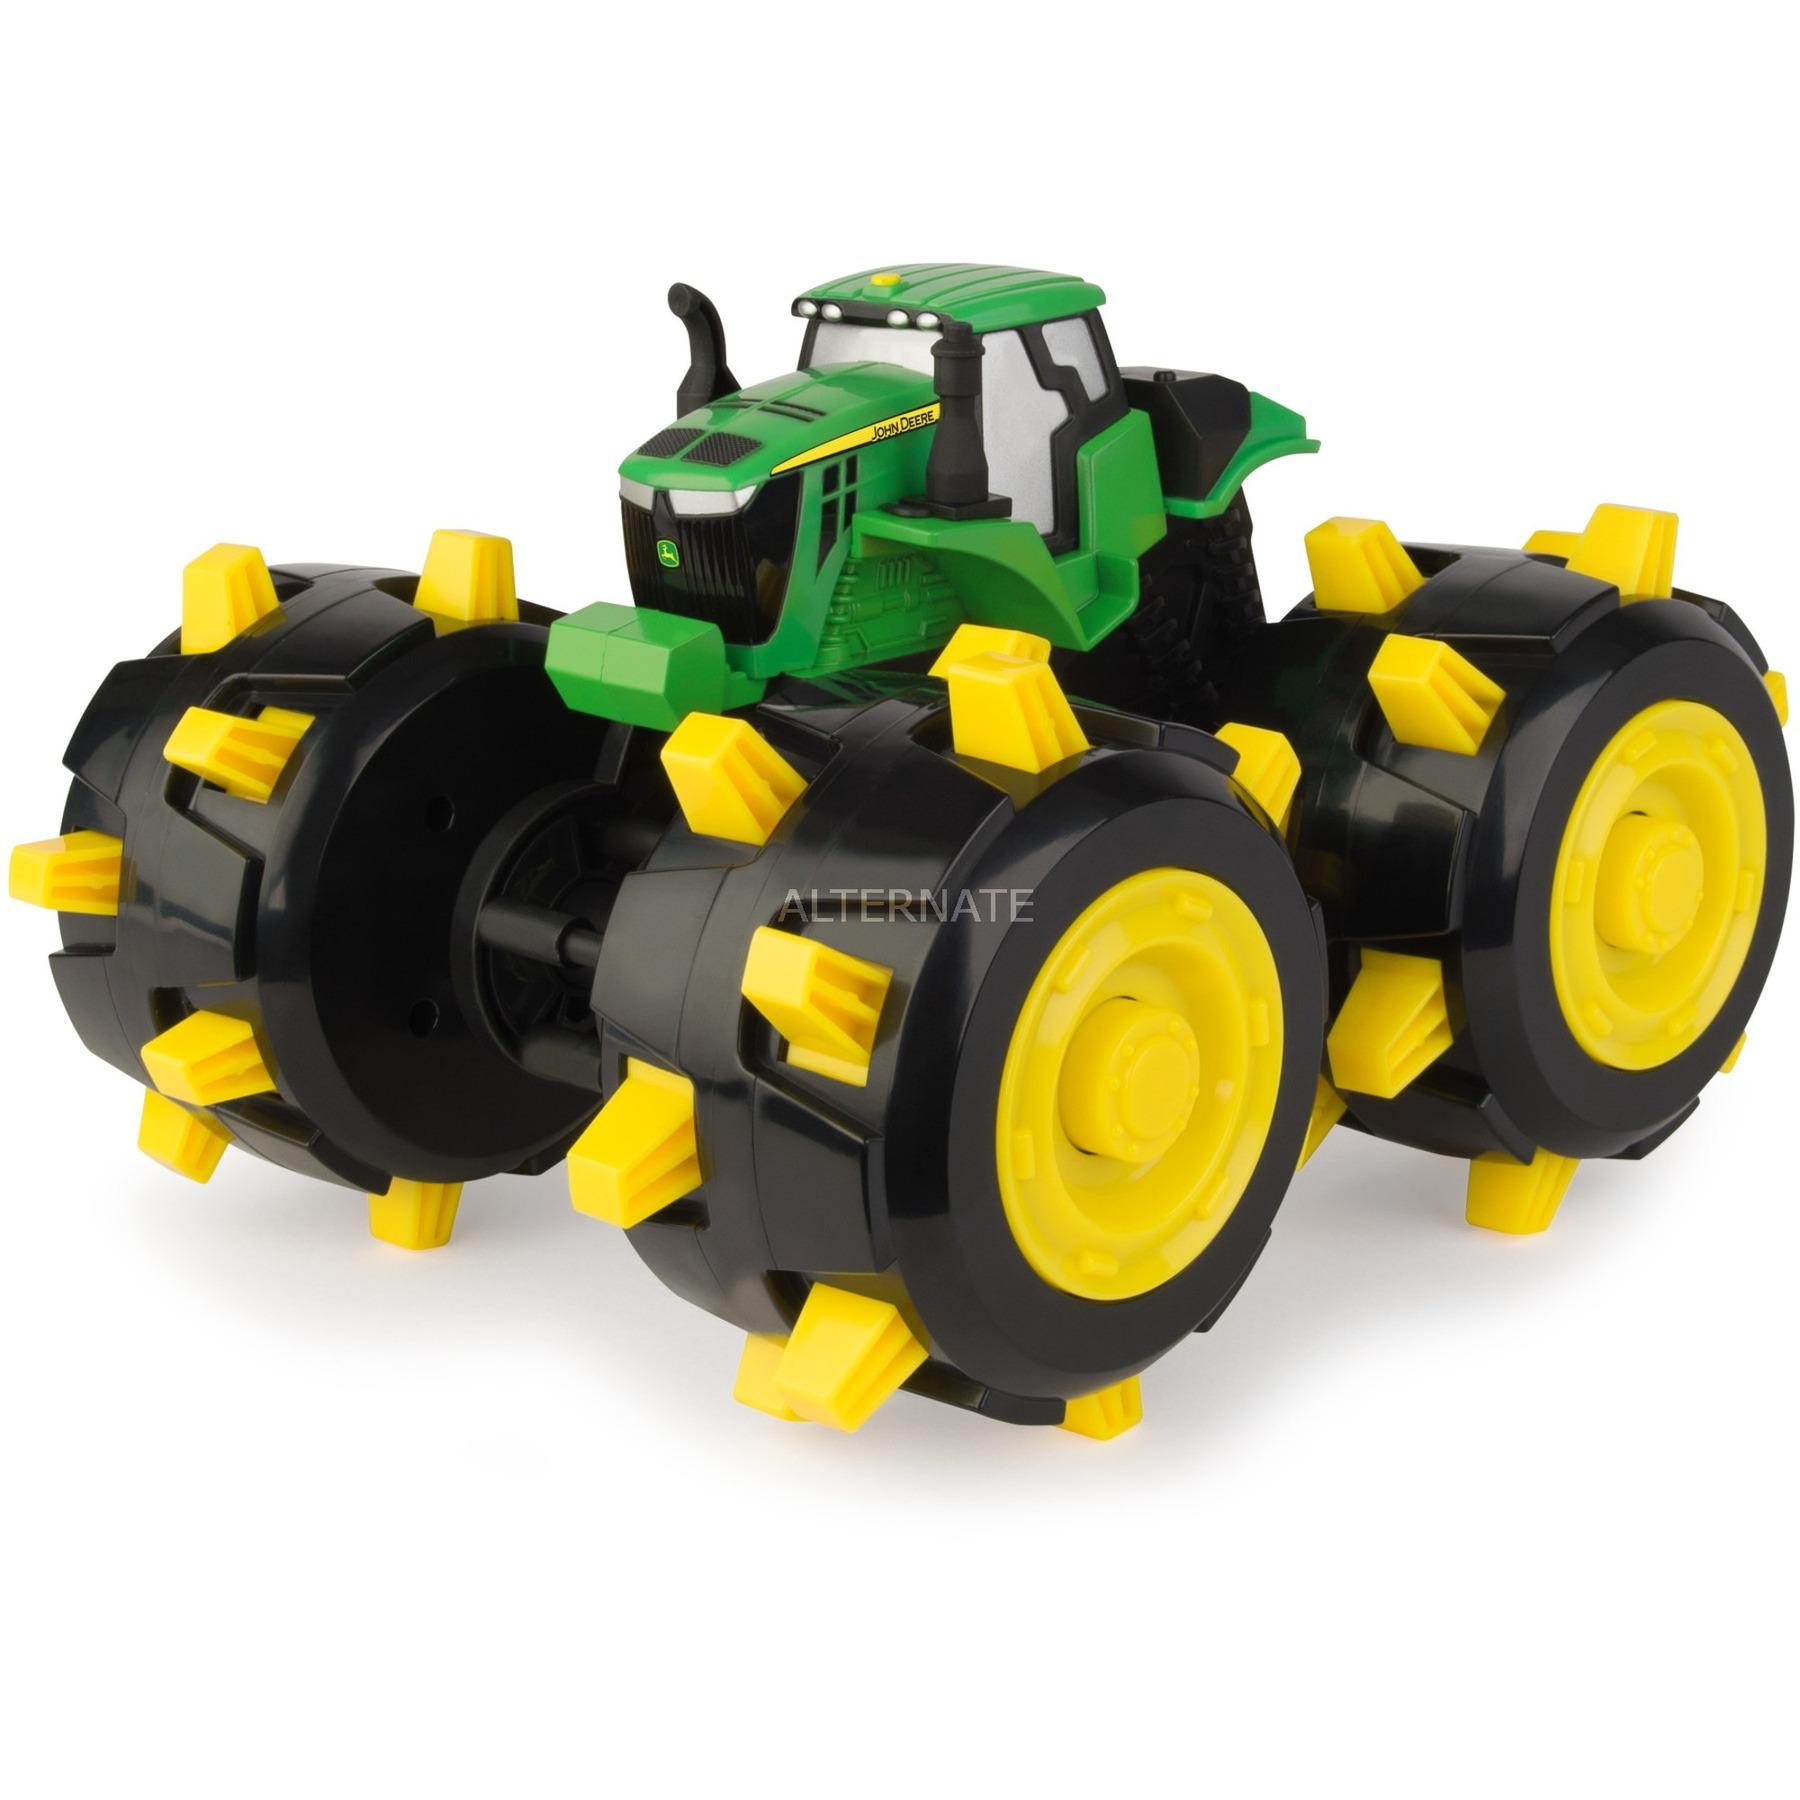 46712, Vehículo de juguete